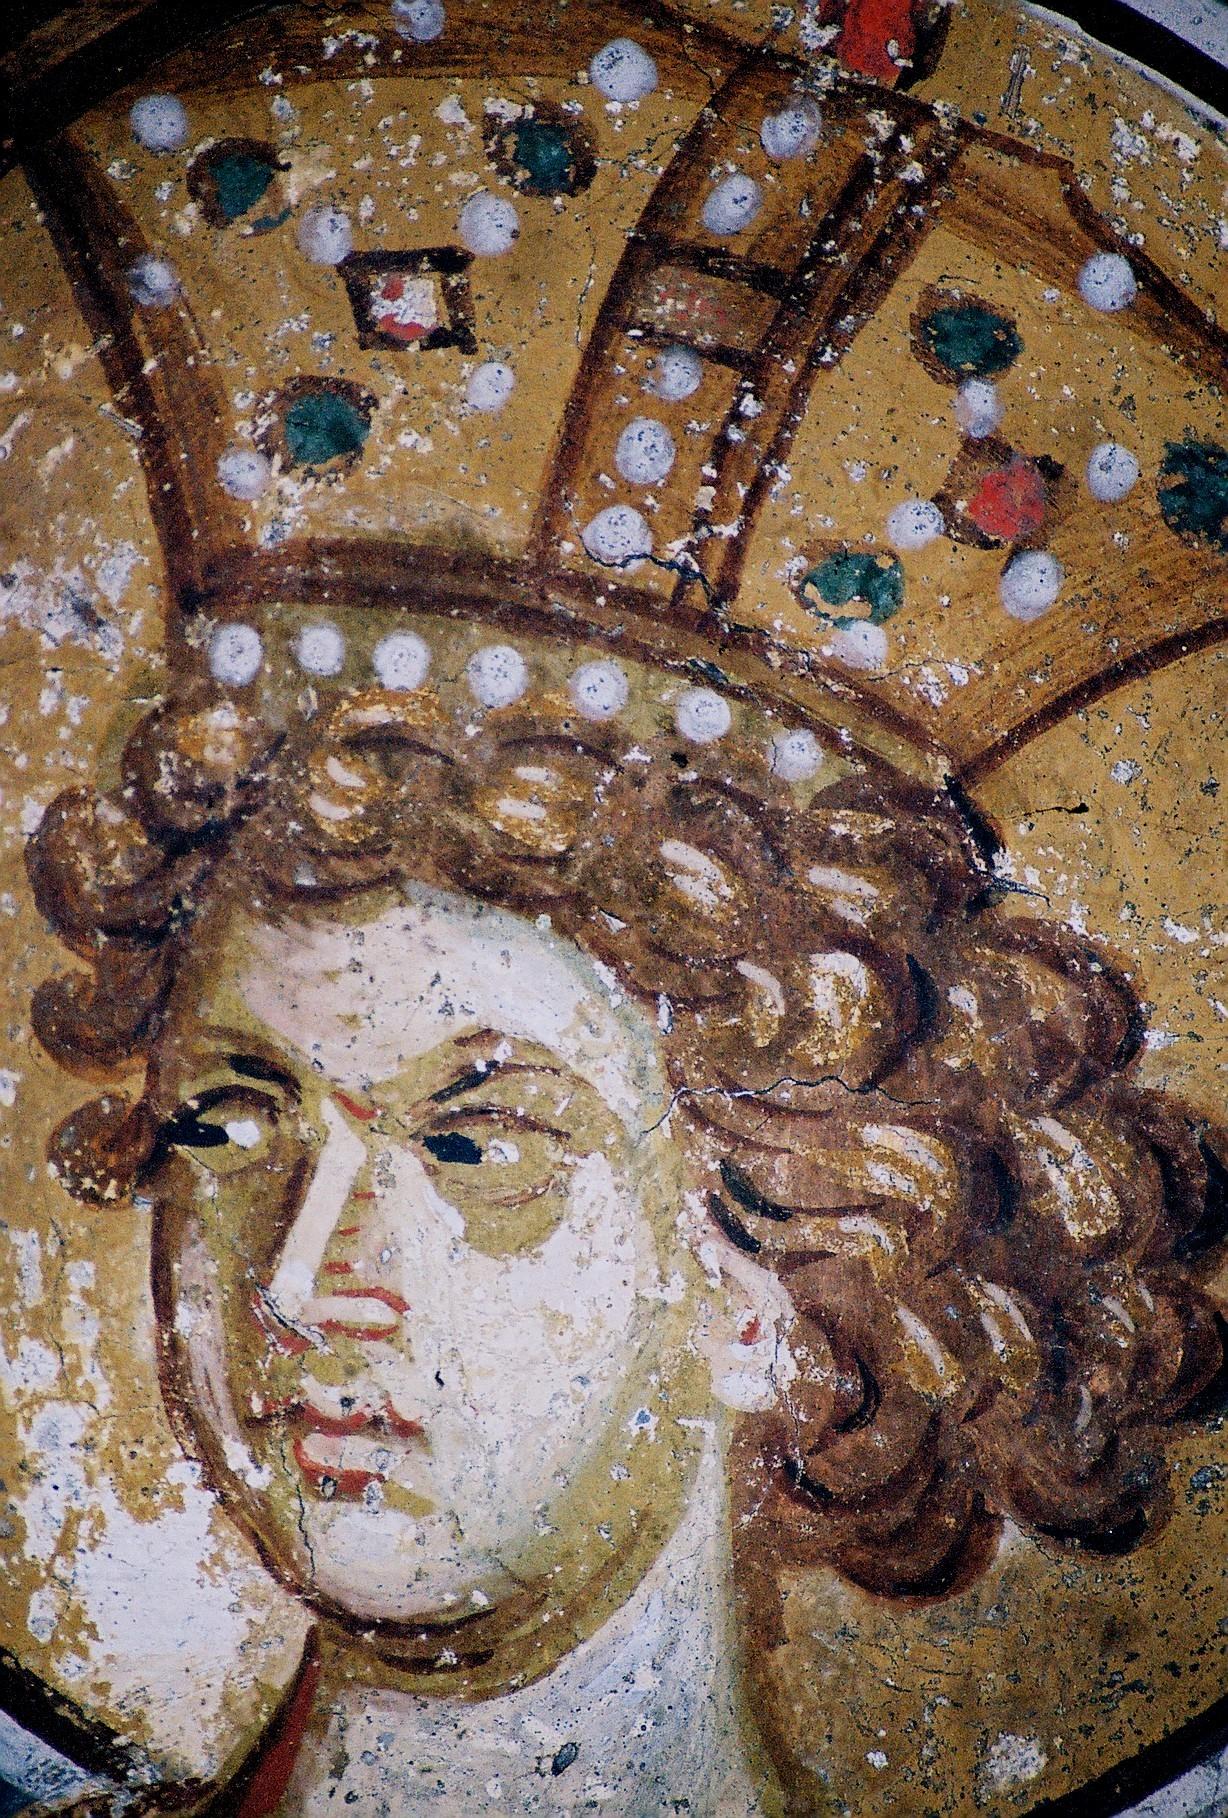 Святой Пророк Царь Соломон. Фреска в церкви Святых Апостолов в Пече, Косово, Сербия. Около 1350 года.